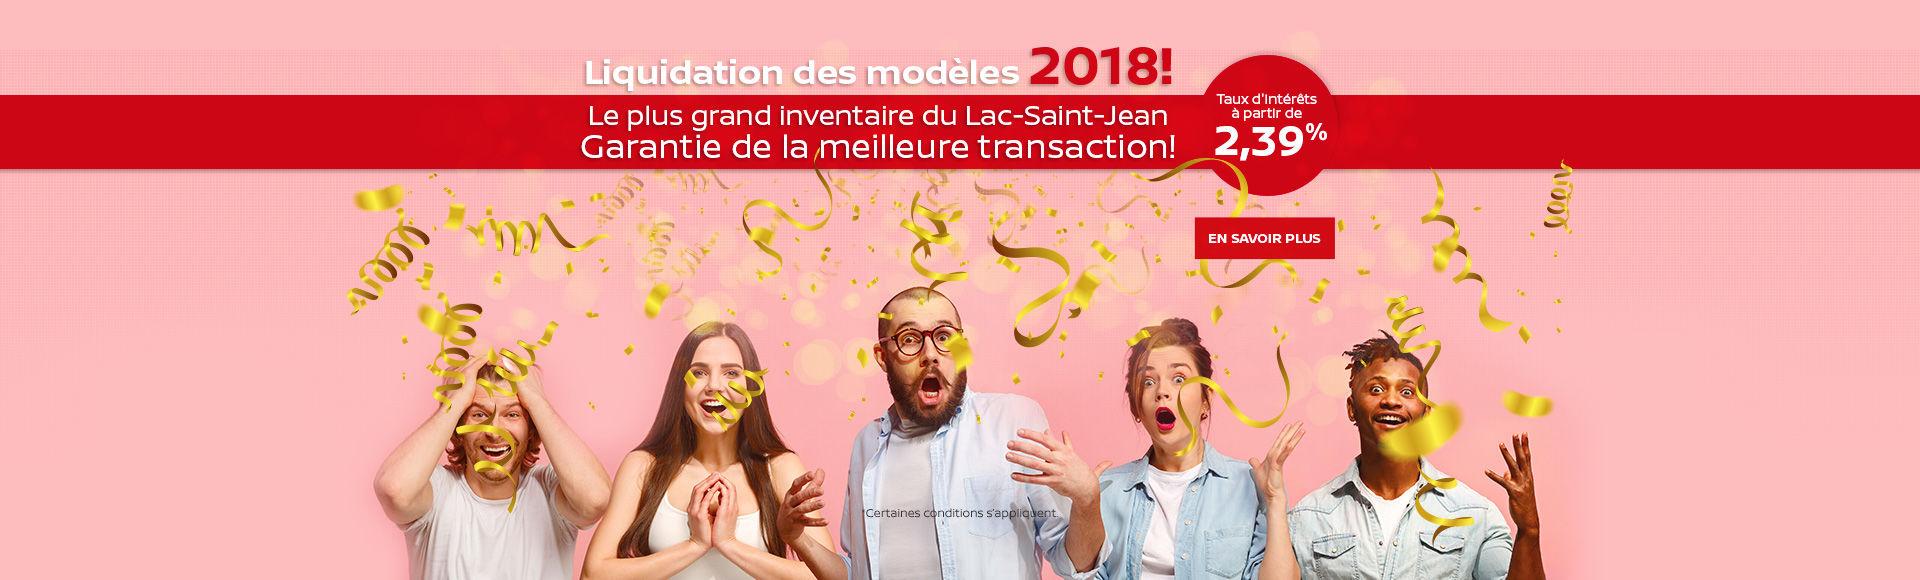 Liquidation des modèles 2018